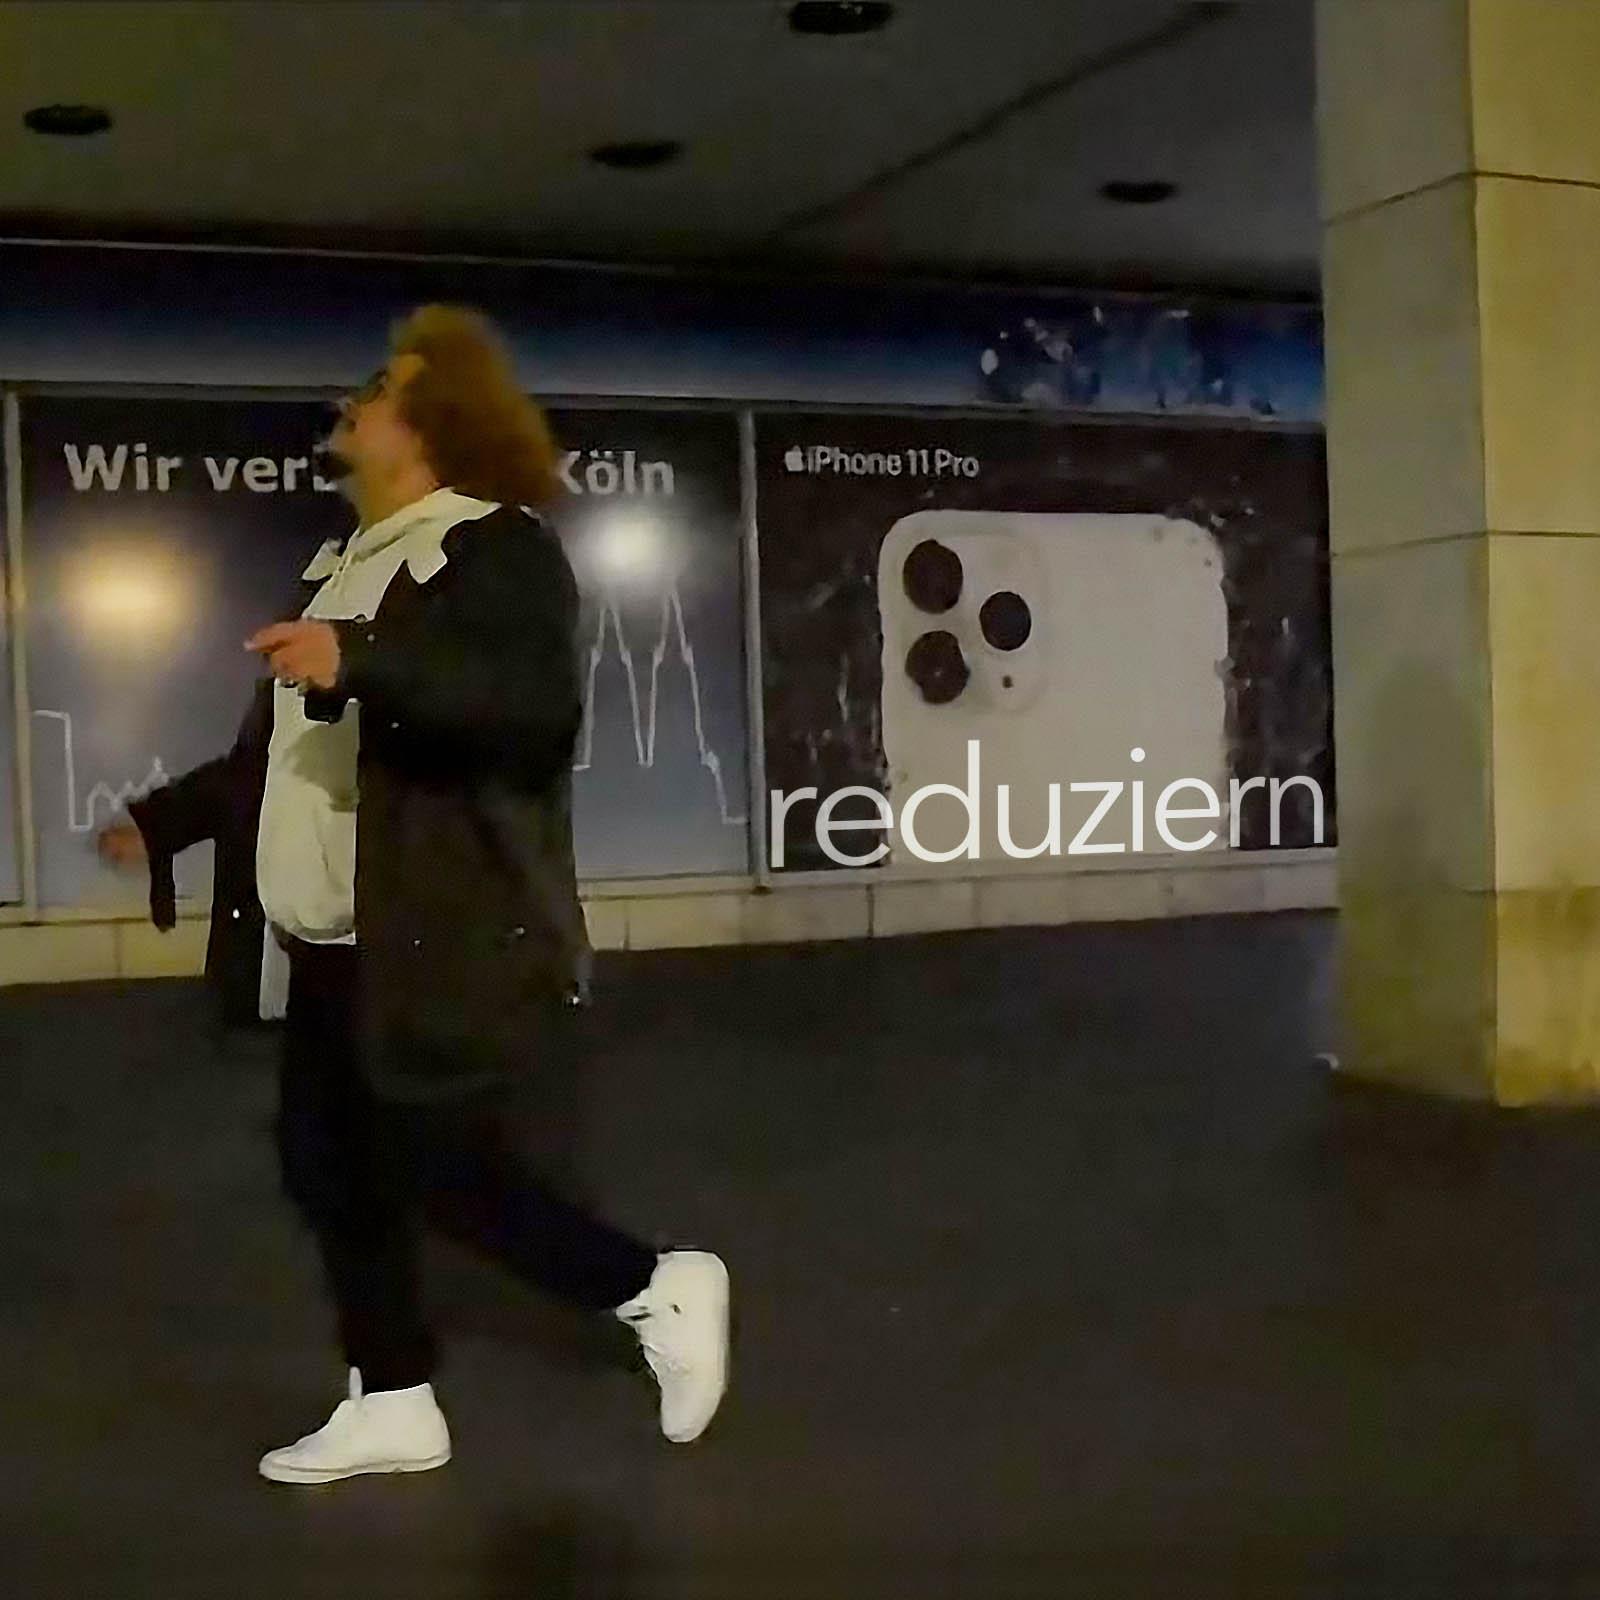 Upcoming: Jaaas - Reduziern (MUSIKVIDEO)